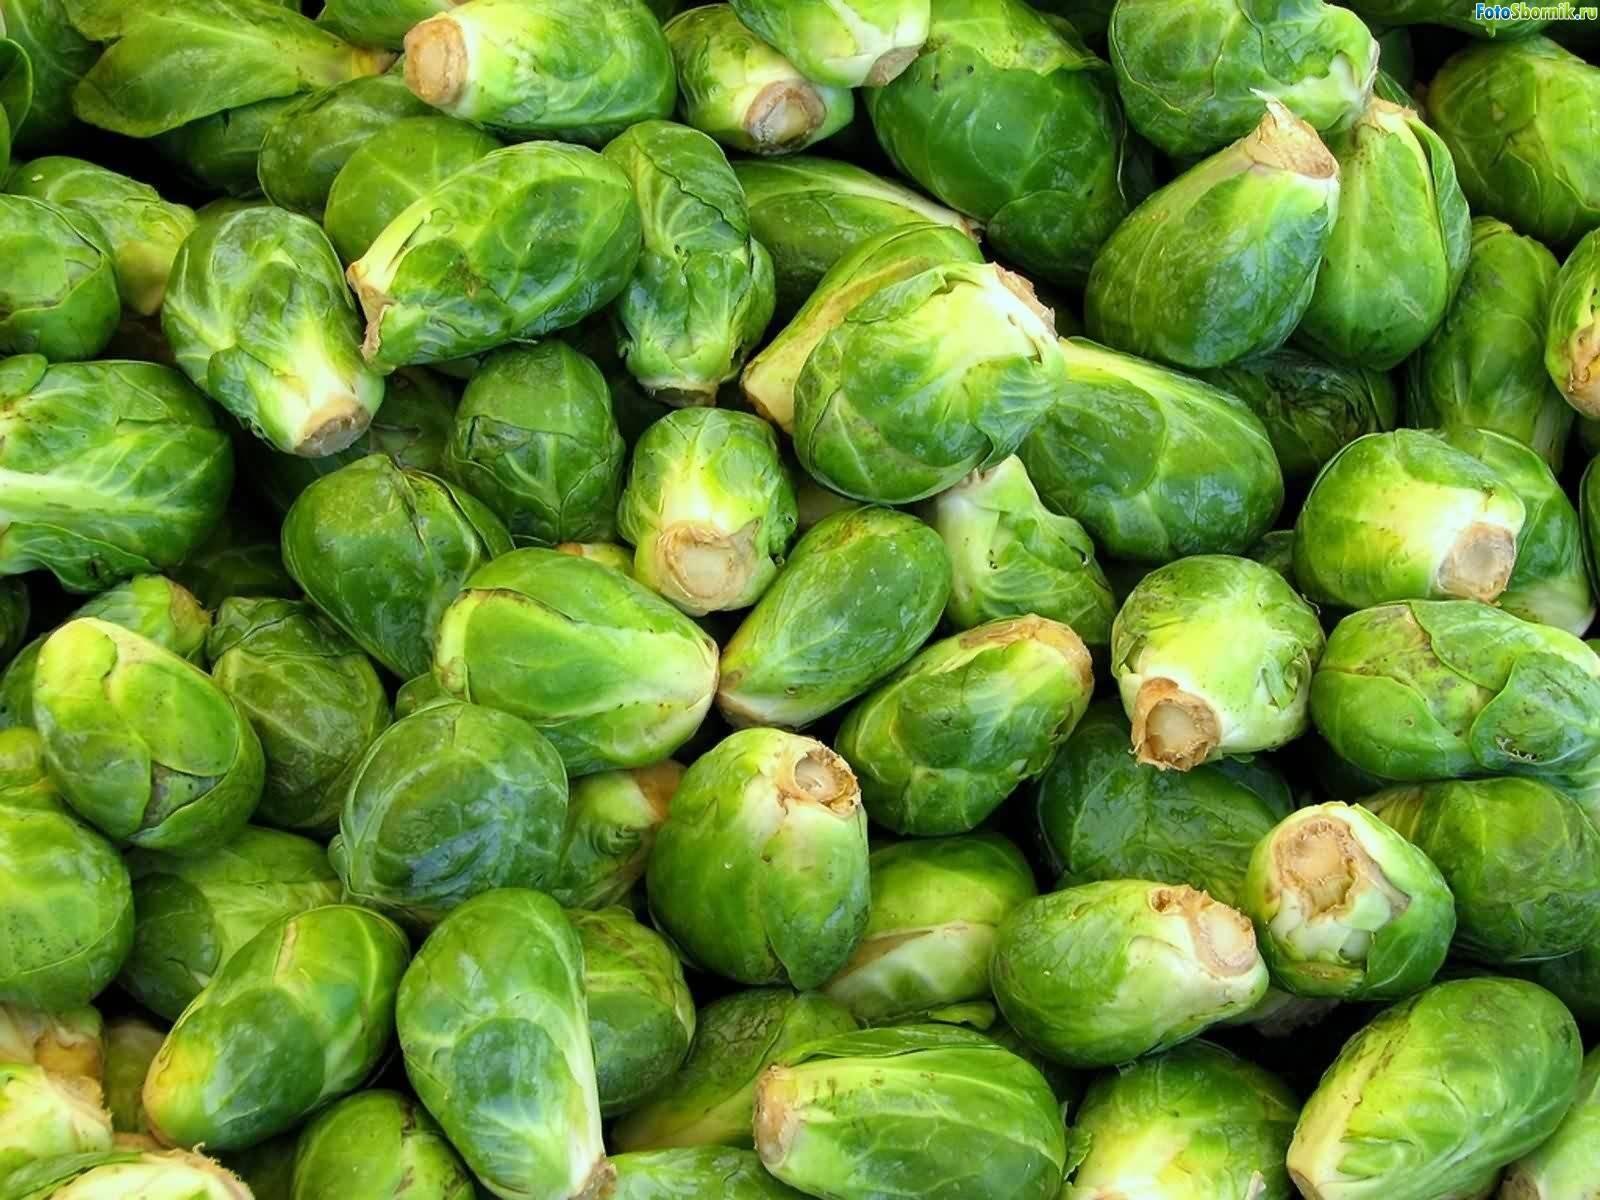 Брюссельская капуста: выращивание и уход в открытом грунте, фото, видео